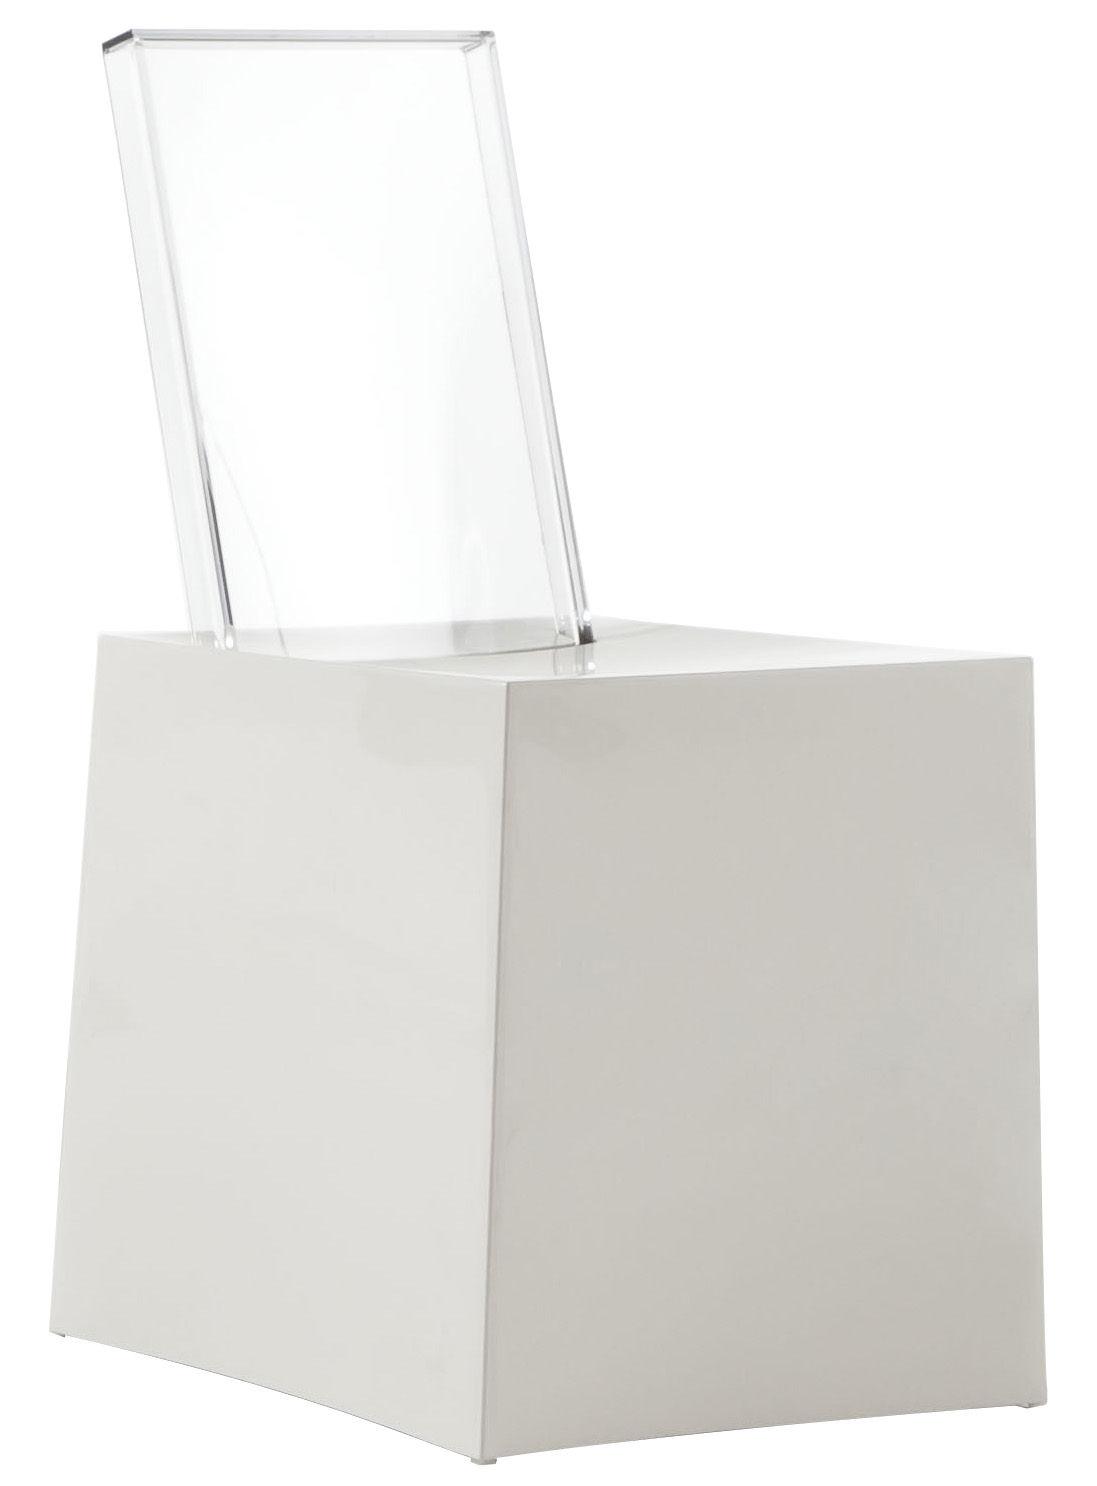 Mobilier - Chaises, fauteuils de salle à manger - Chaise Miss Less / Plastique - Dossier transparent - Kartell - Assise blanche / Dossier cristal - Polycarbonate, Technopolymère